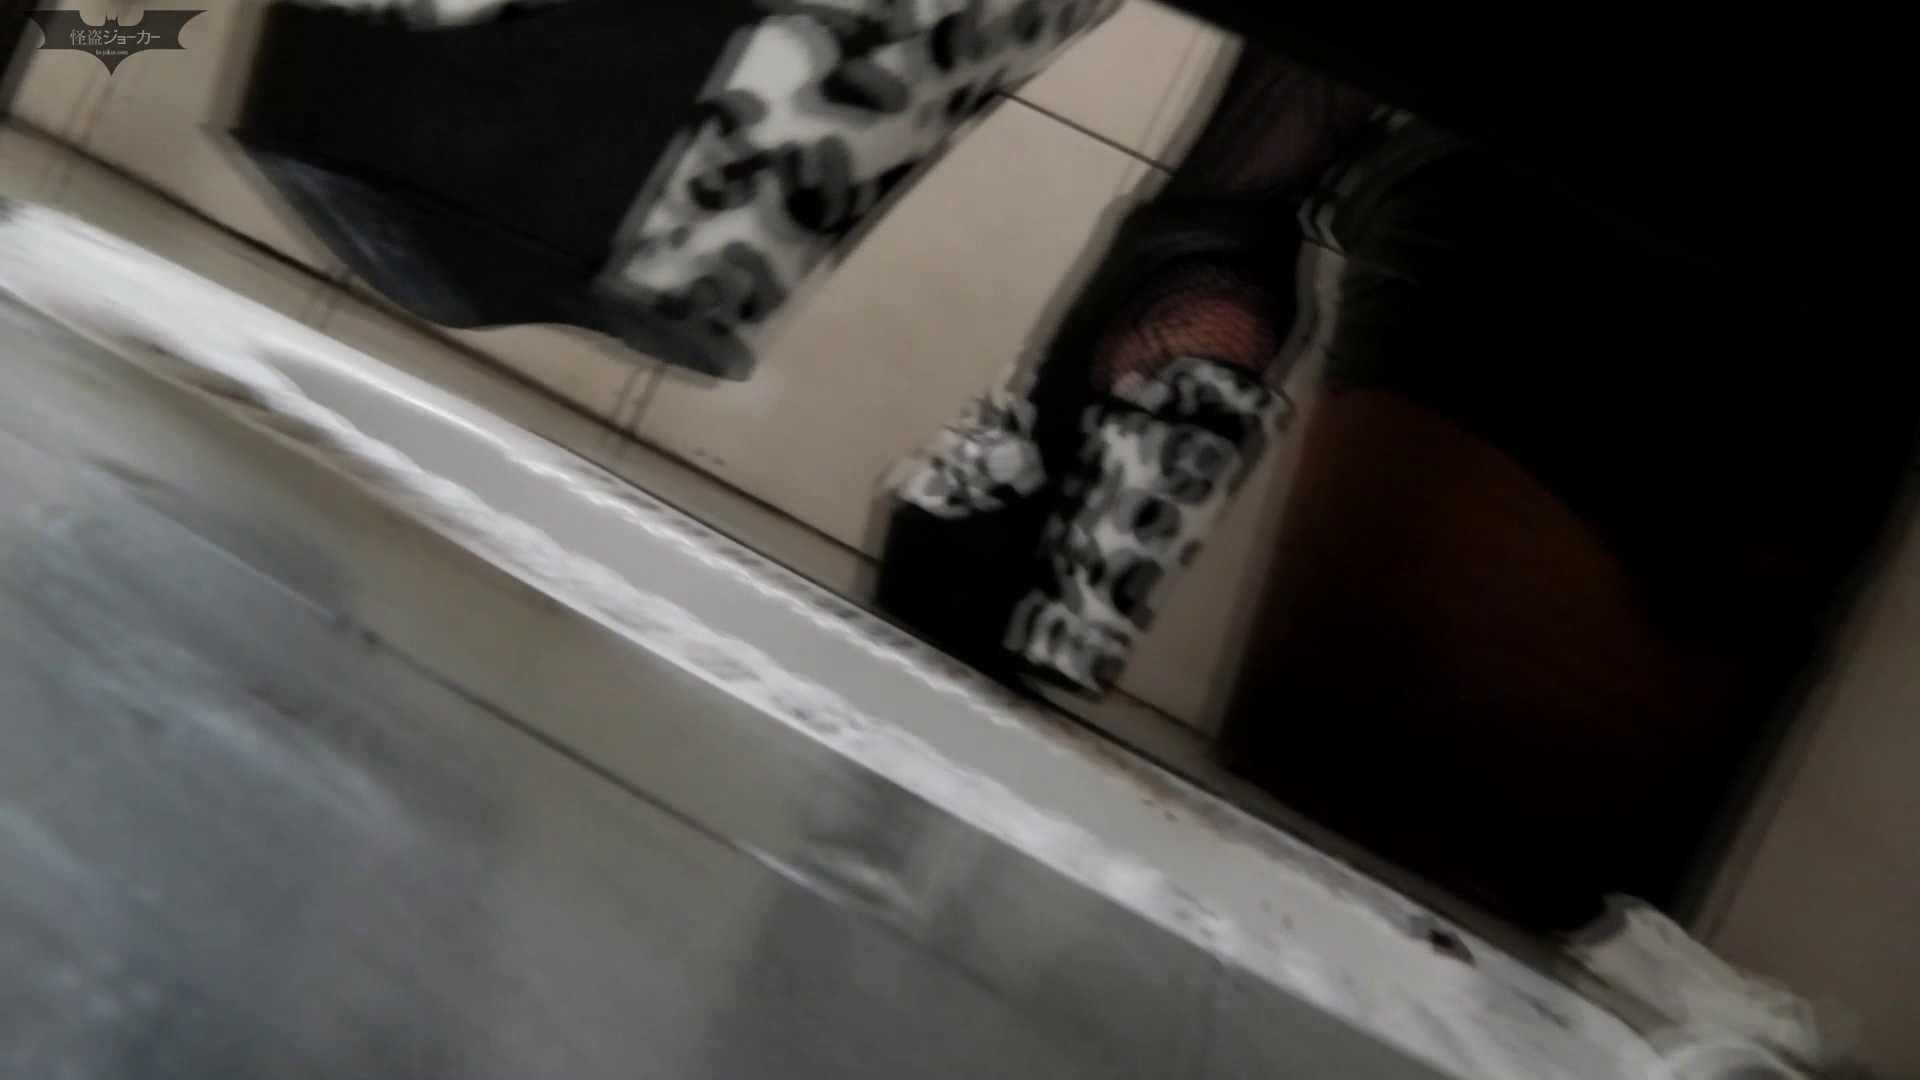 ステーション編 vol.26 壁を乗り越えたら絶景が待っていた!! 洗面所 オマンコ動画キャプチャ 100画像 64